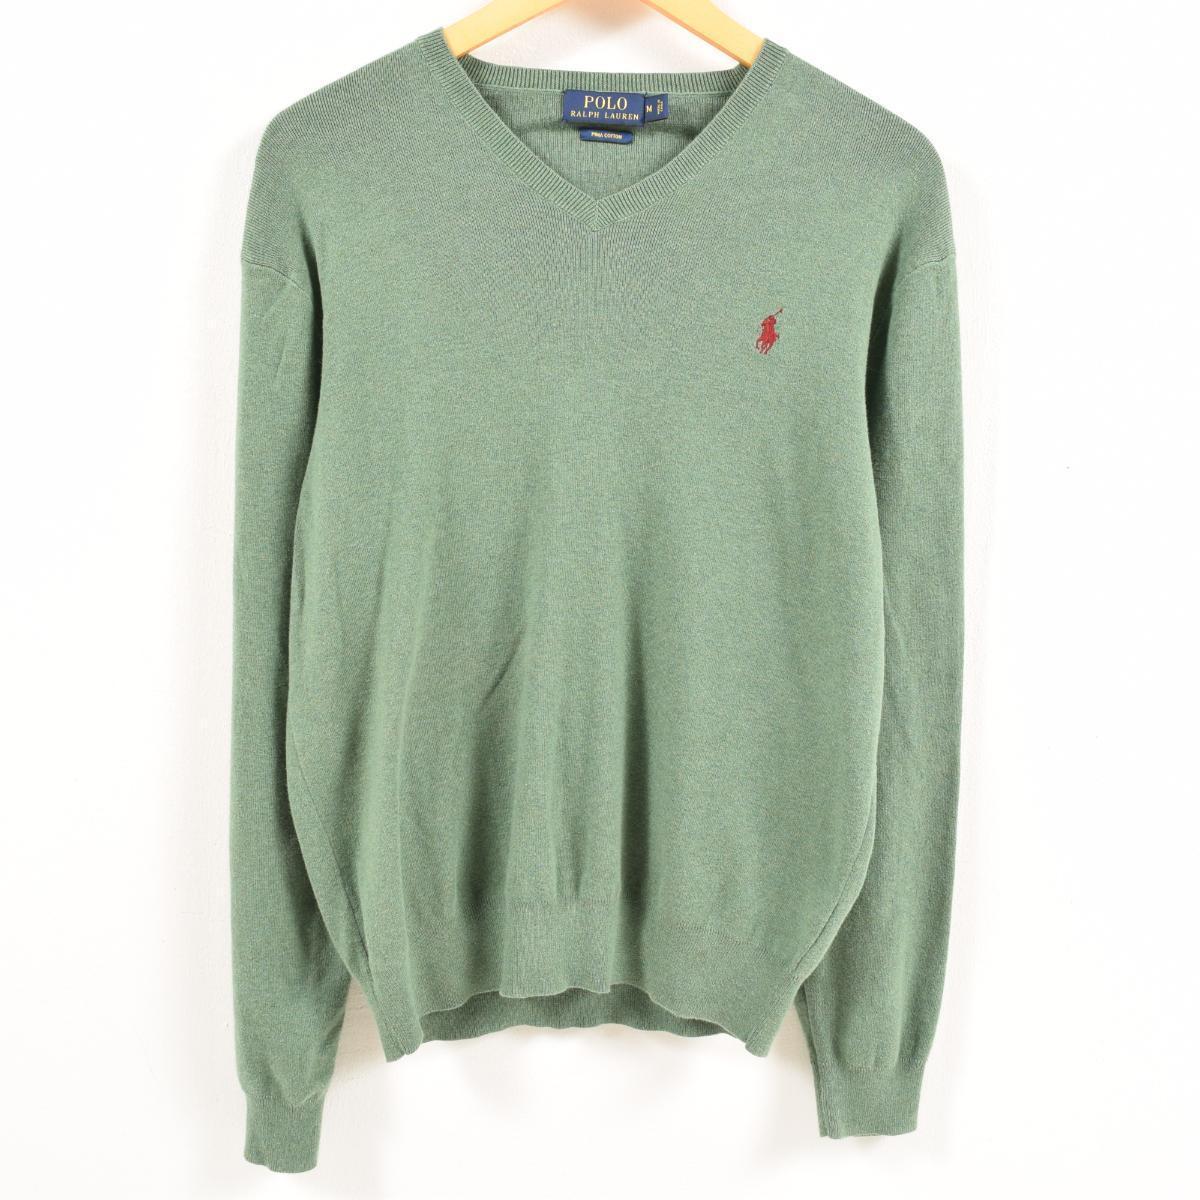 ae9322a2b Ralph Lauren Ralph Lauren POLO RALPH LAUREN V neck Pima cotton knit sweater  men M ...